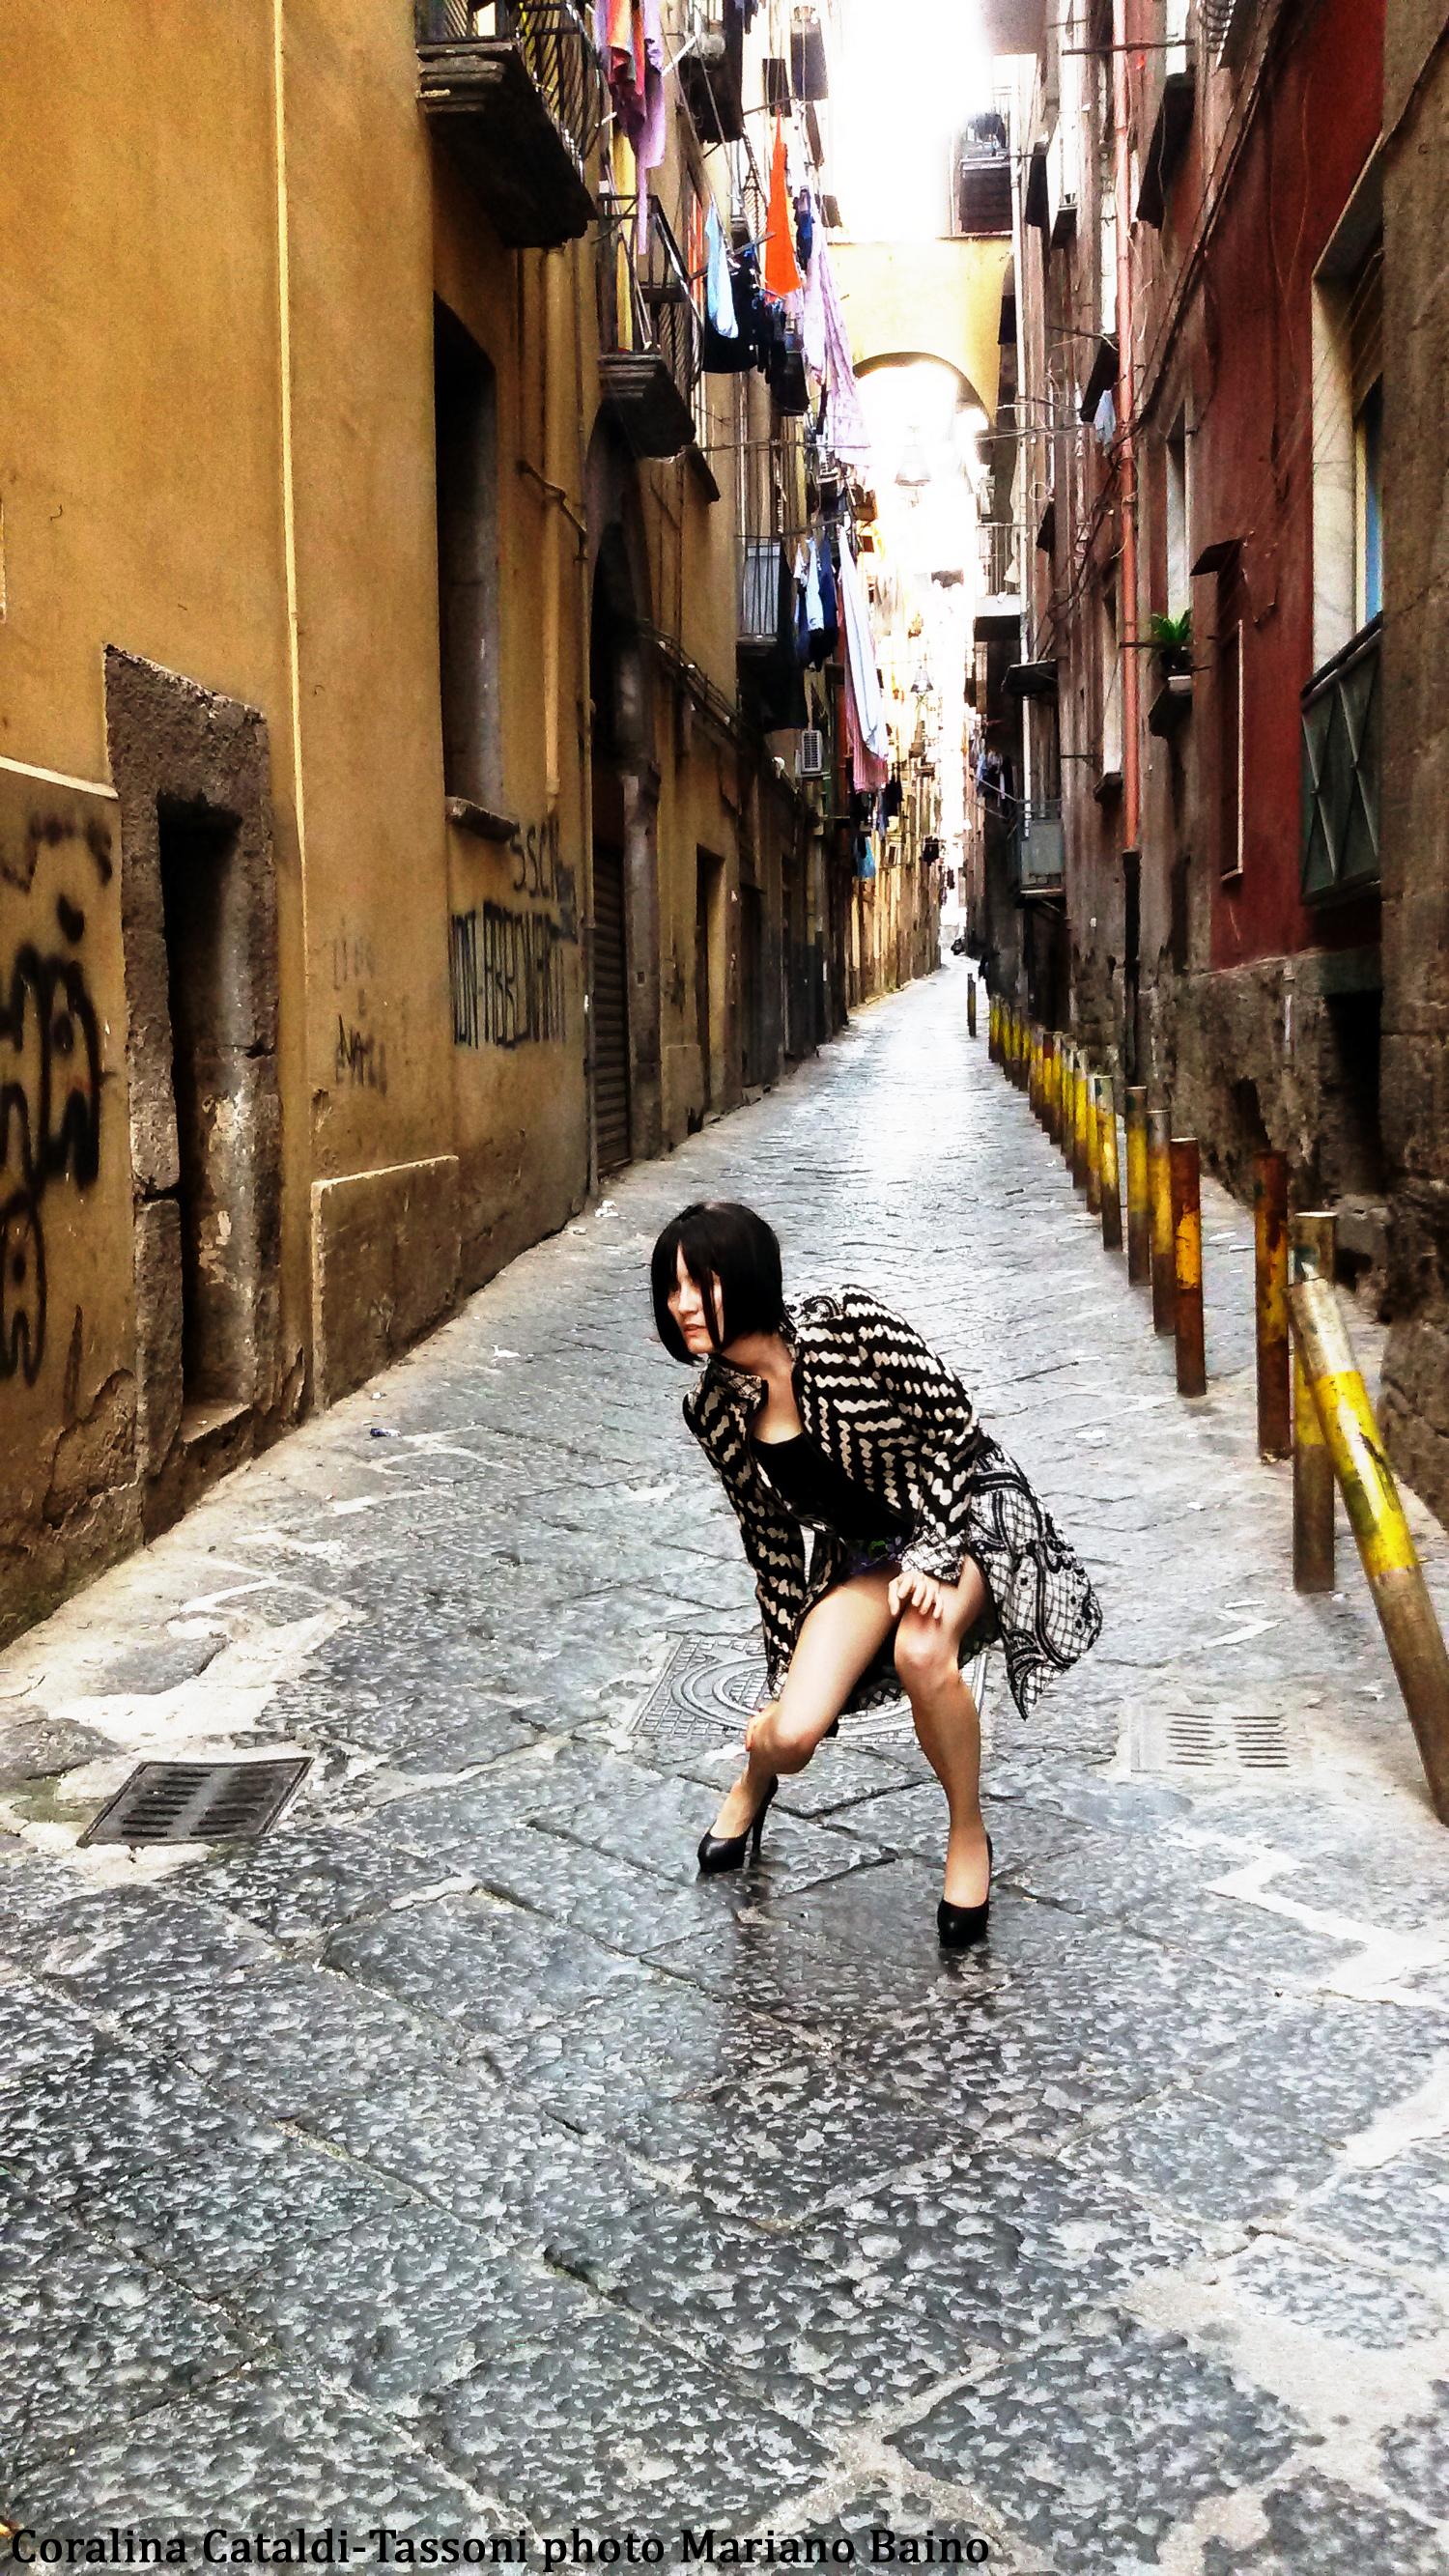 Actress Coralina Cataldi-Tassoni photo Mariano Baino copyright 2015 (12).jpg